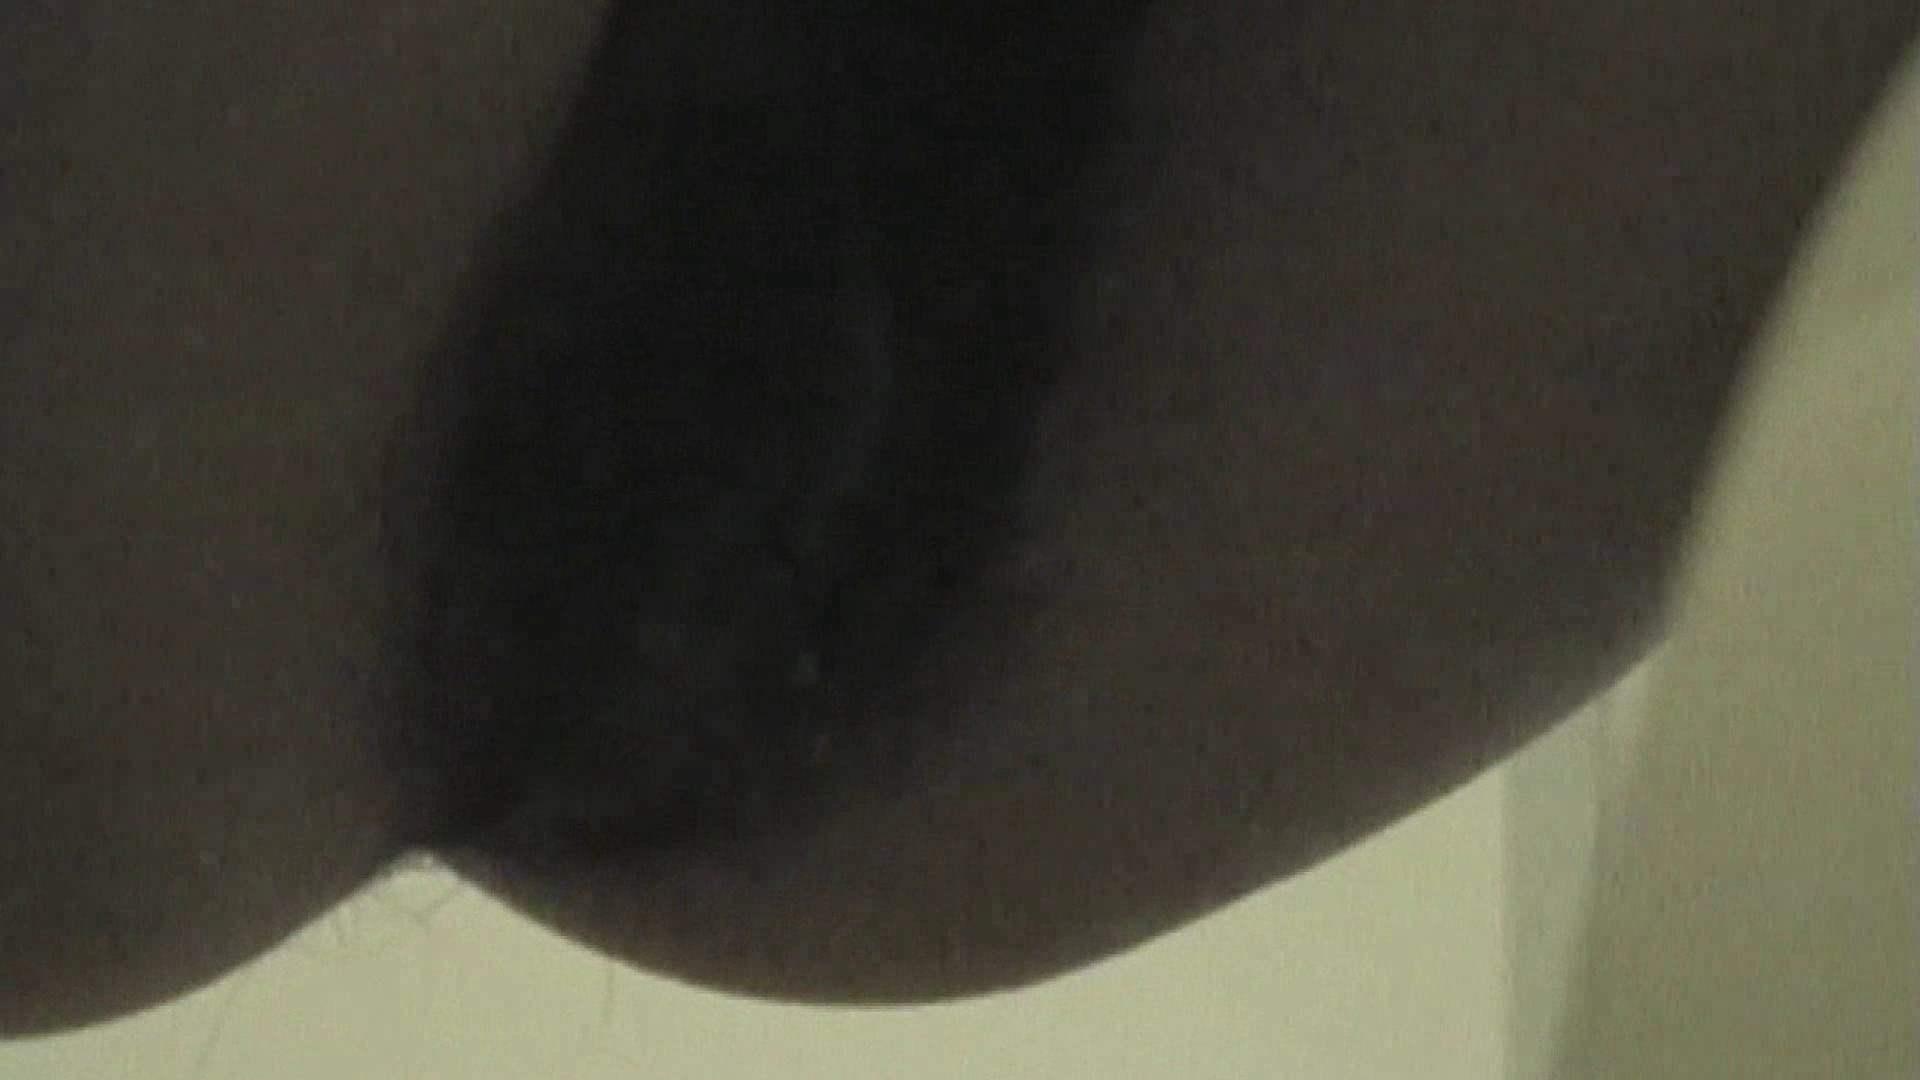 キレカワ女子大生の秘密の洗面所!Vol.025 エッチな盗撮 おめこ無修正動画無料 105pic 103